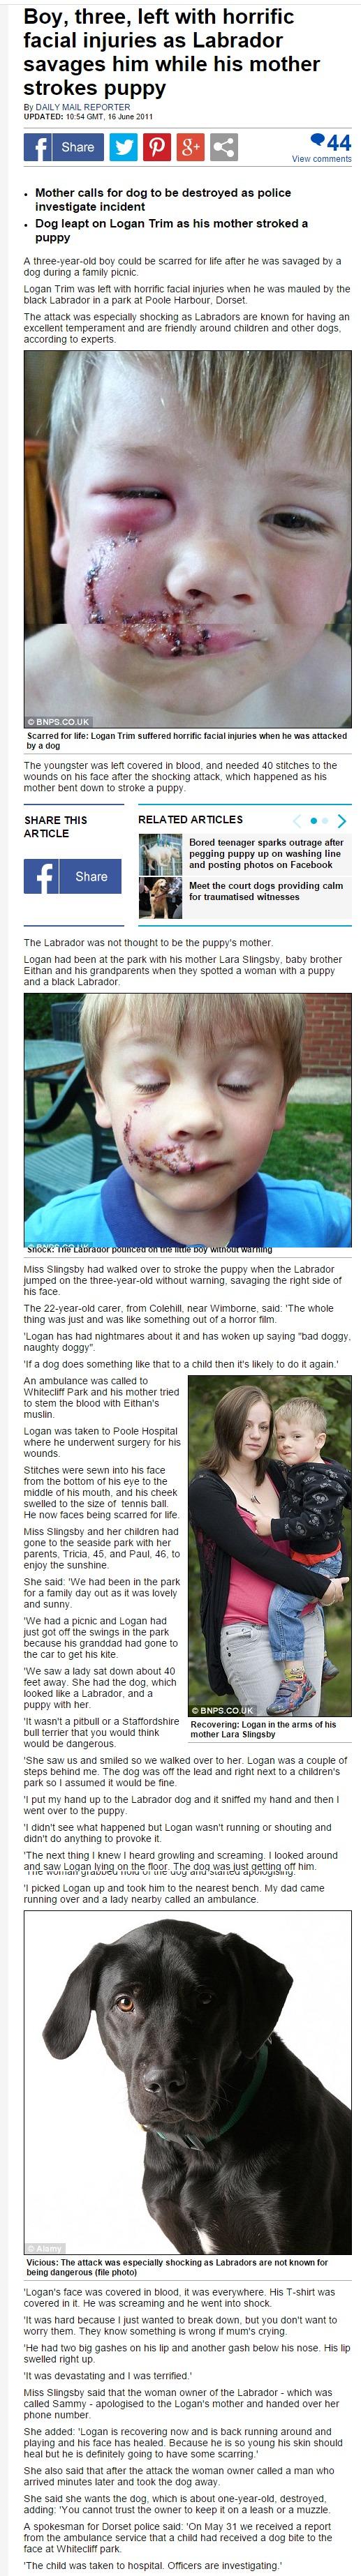 Původní zpráva z roku 2011o chlapci napadeném psem ( dailymail.co.uk/ )